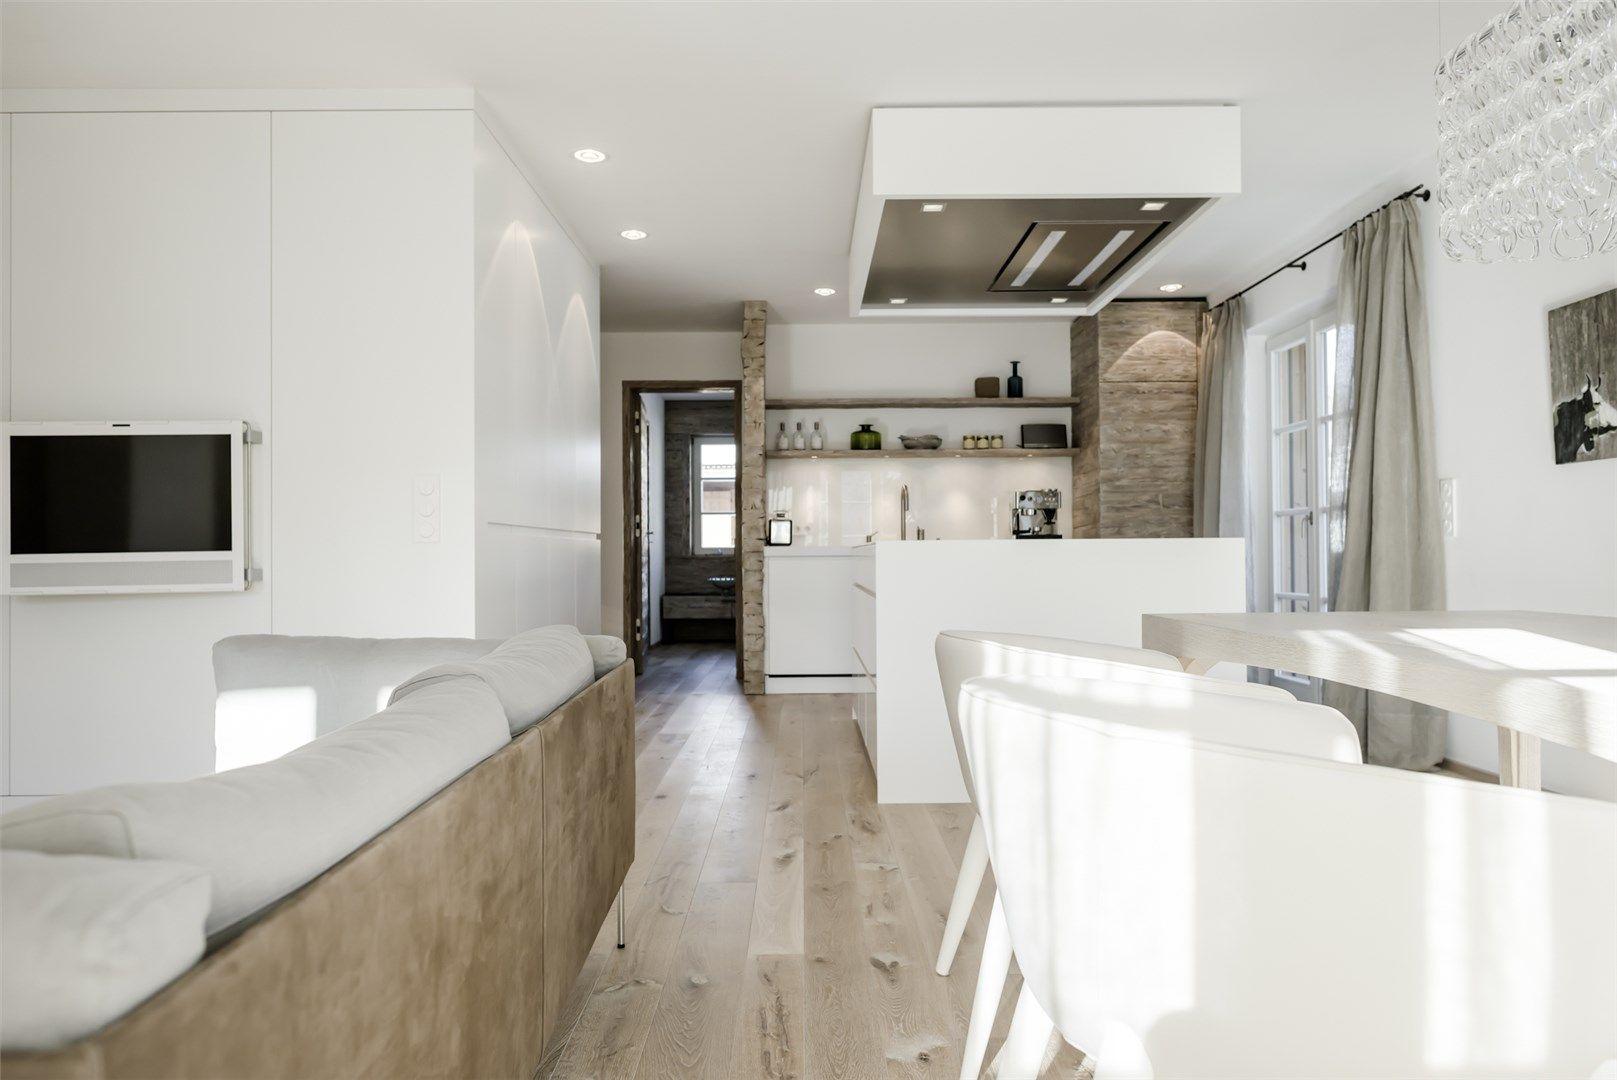 Wohnzimmer Mit Küche  Jtleigh.com - Hausgestaltung Ideen